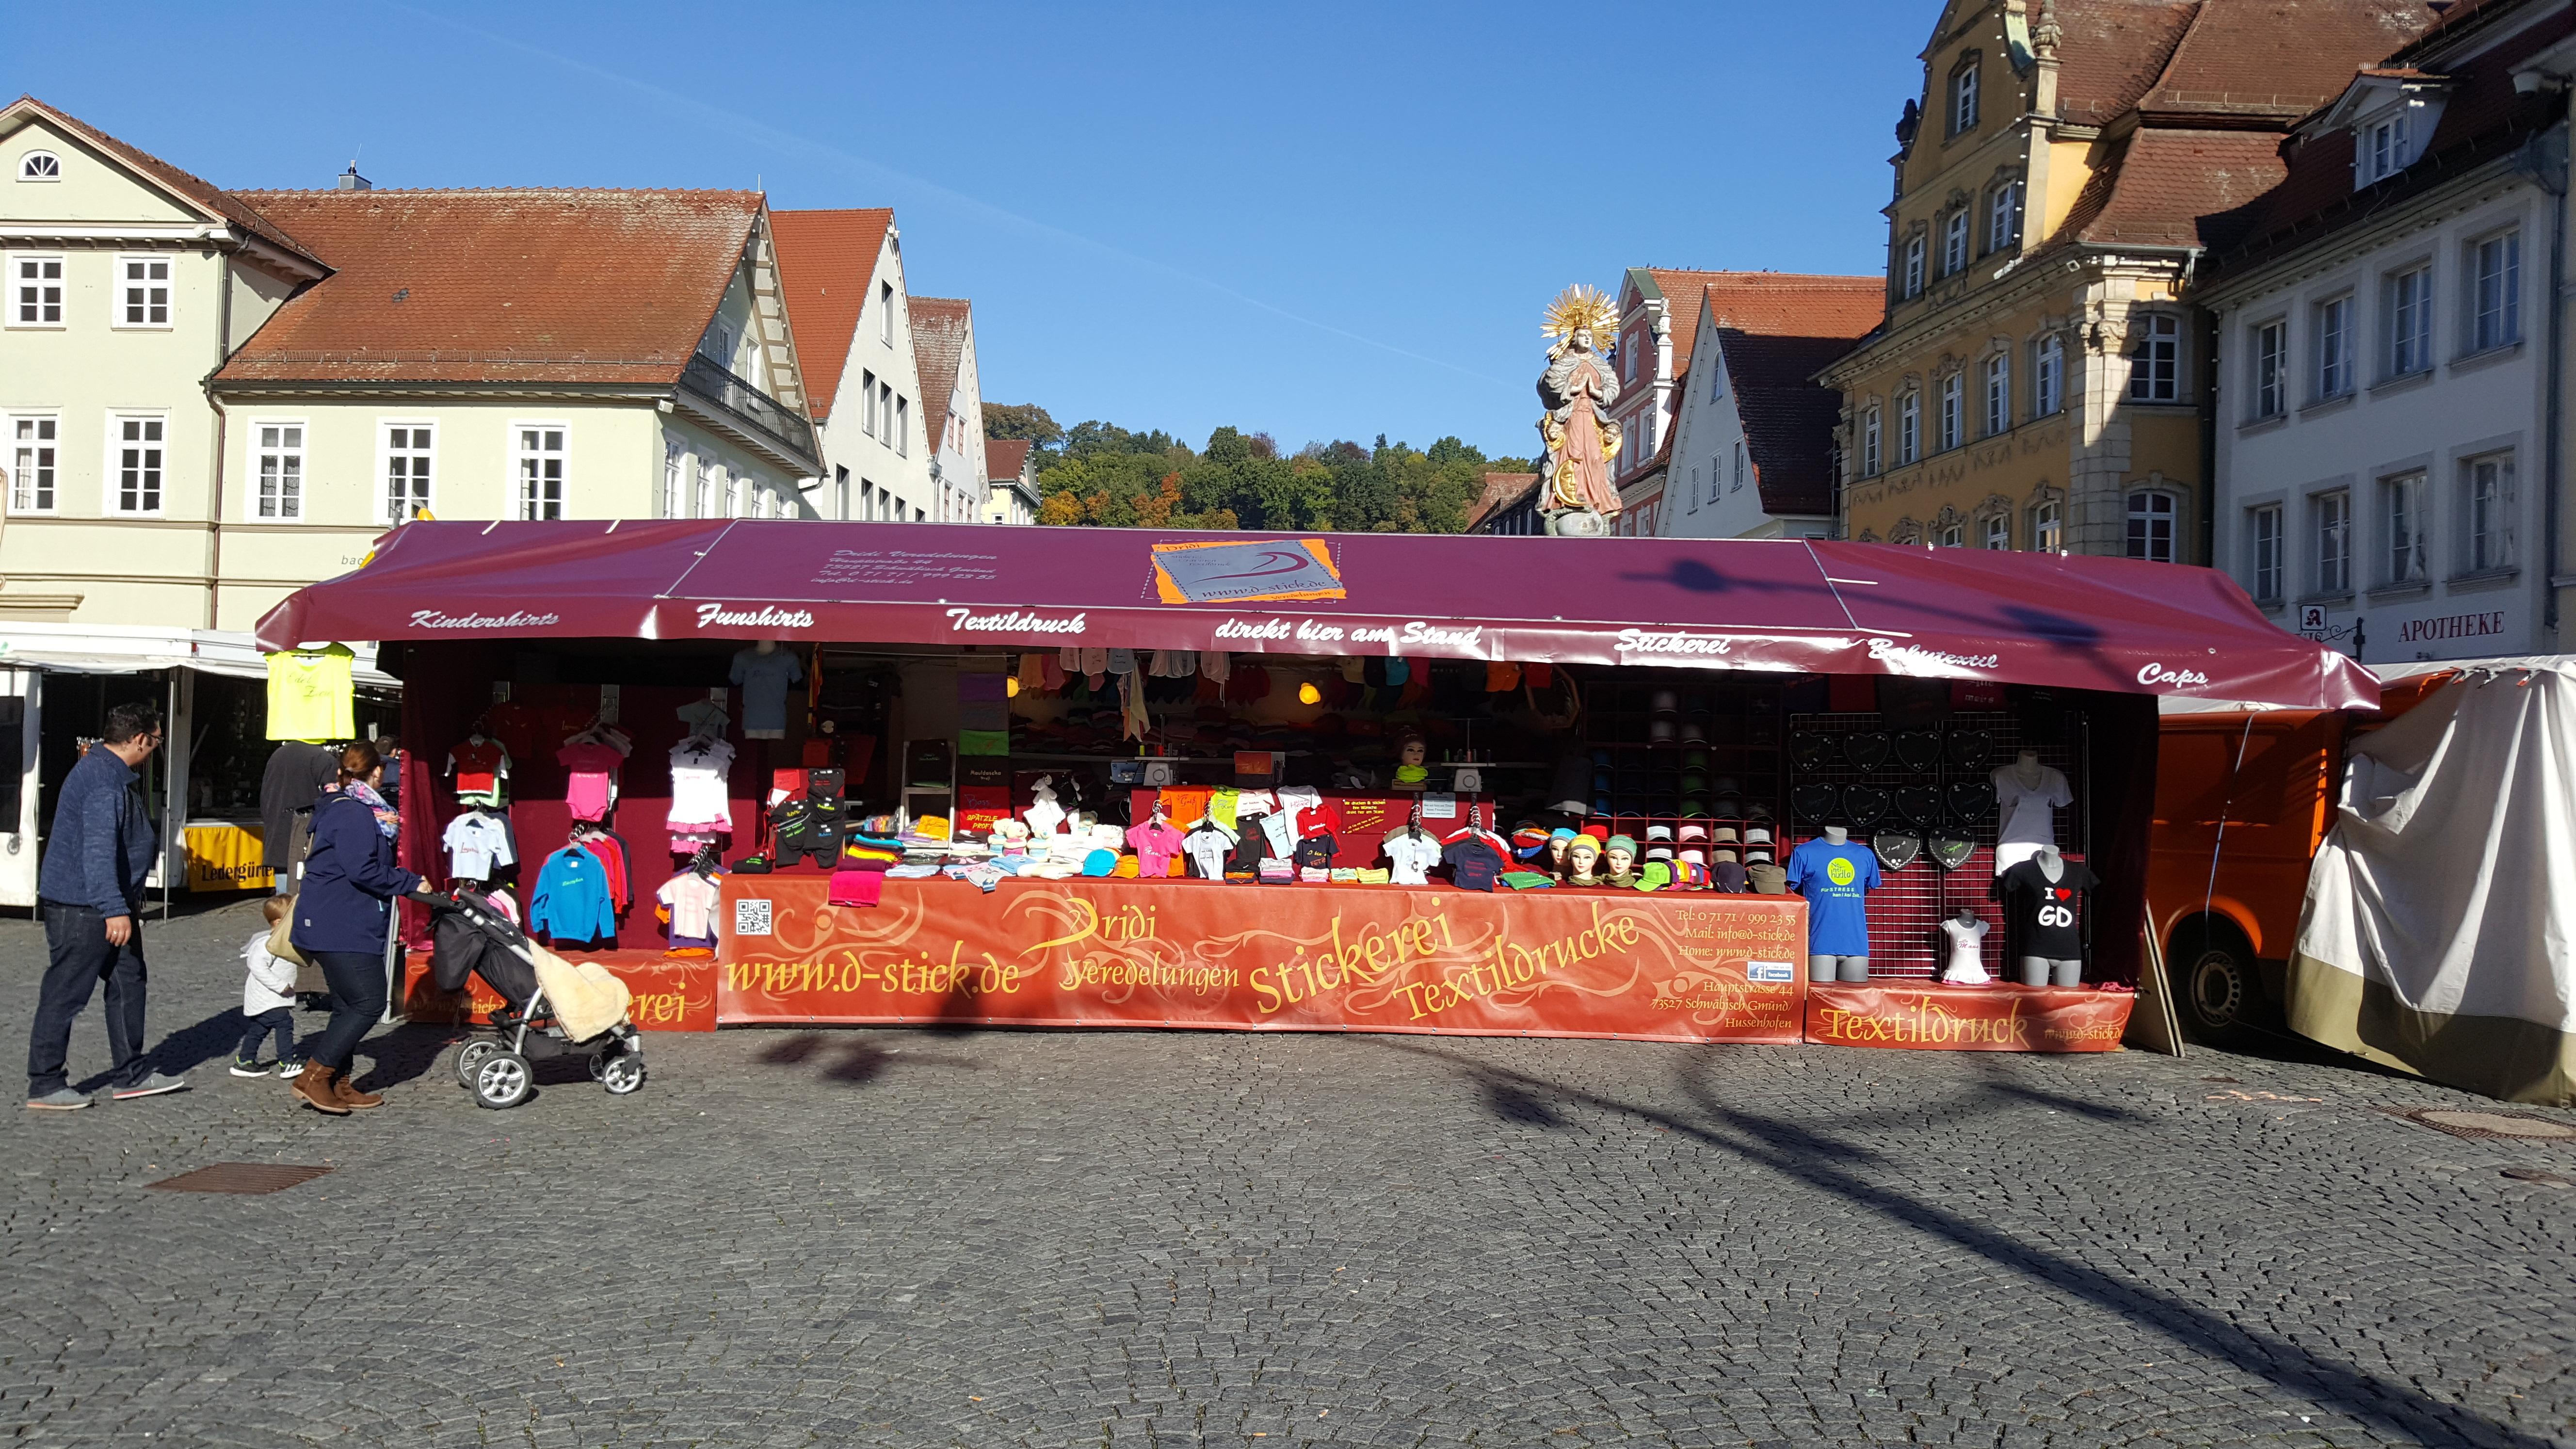 Schwäbisch Gmünd Weihnachtsmarkt.Tourdaten Dridi Stickerei Veredelungen